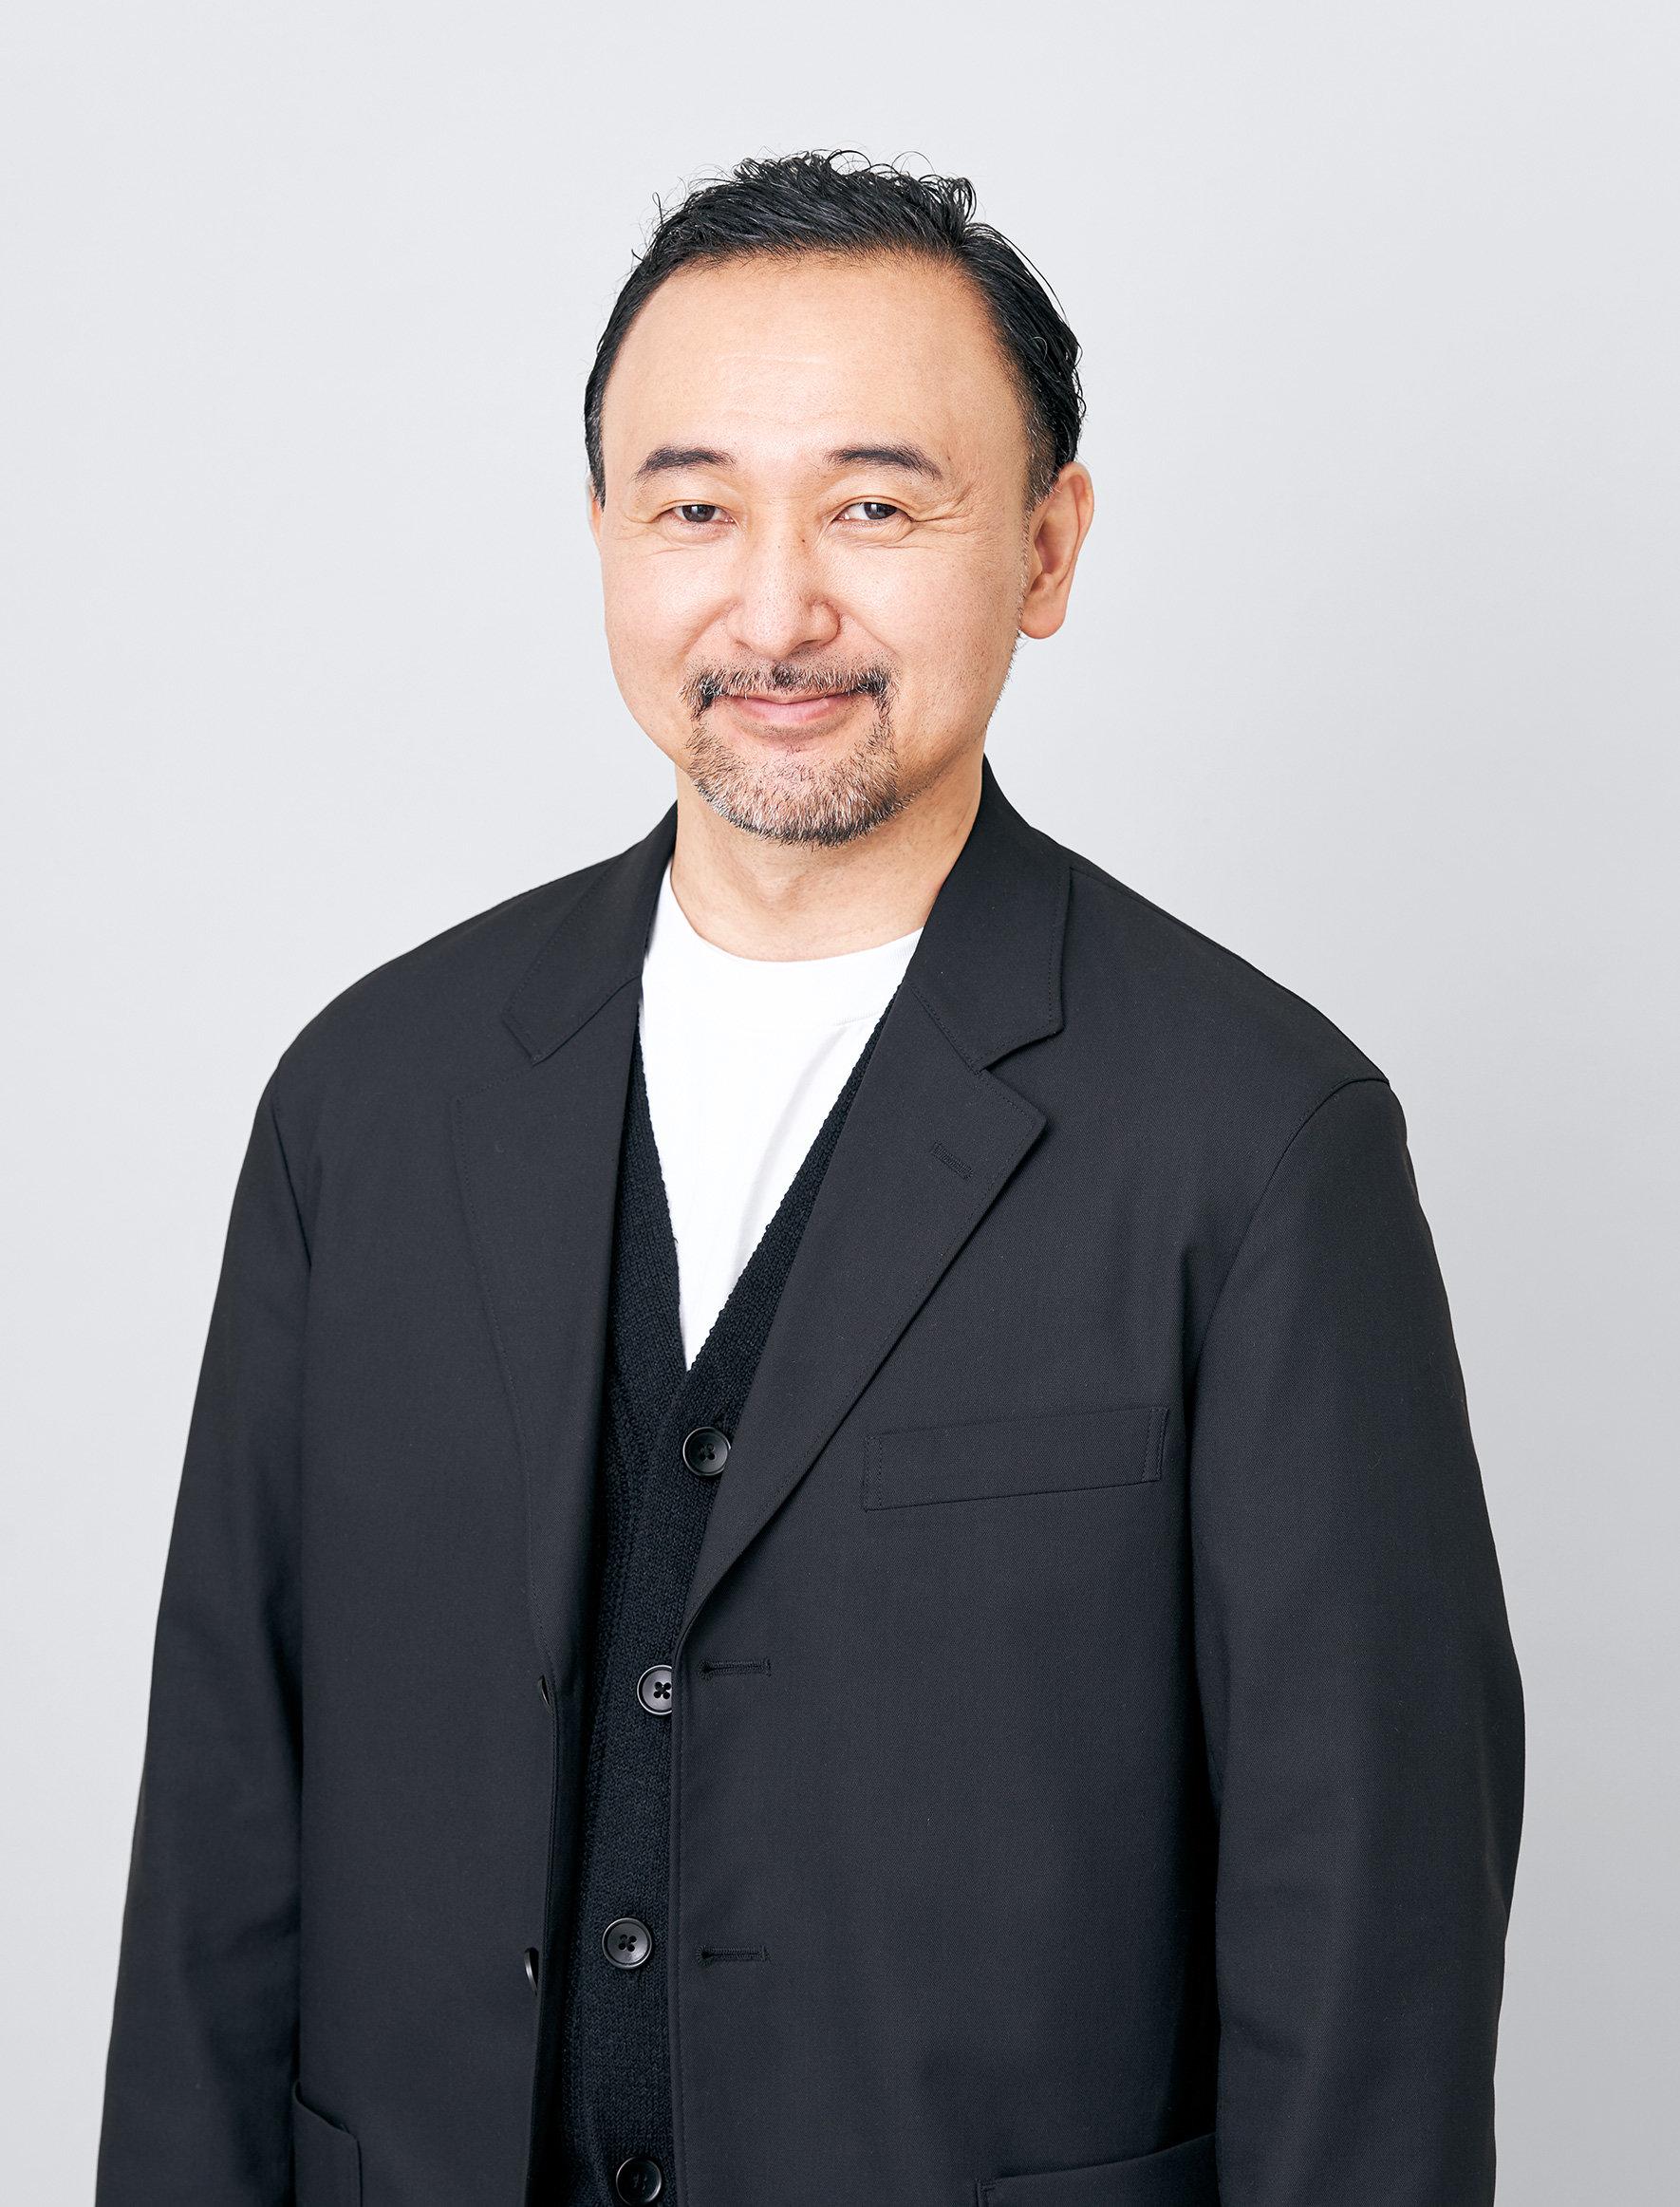 吉野 敦夫